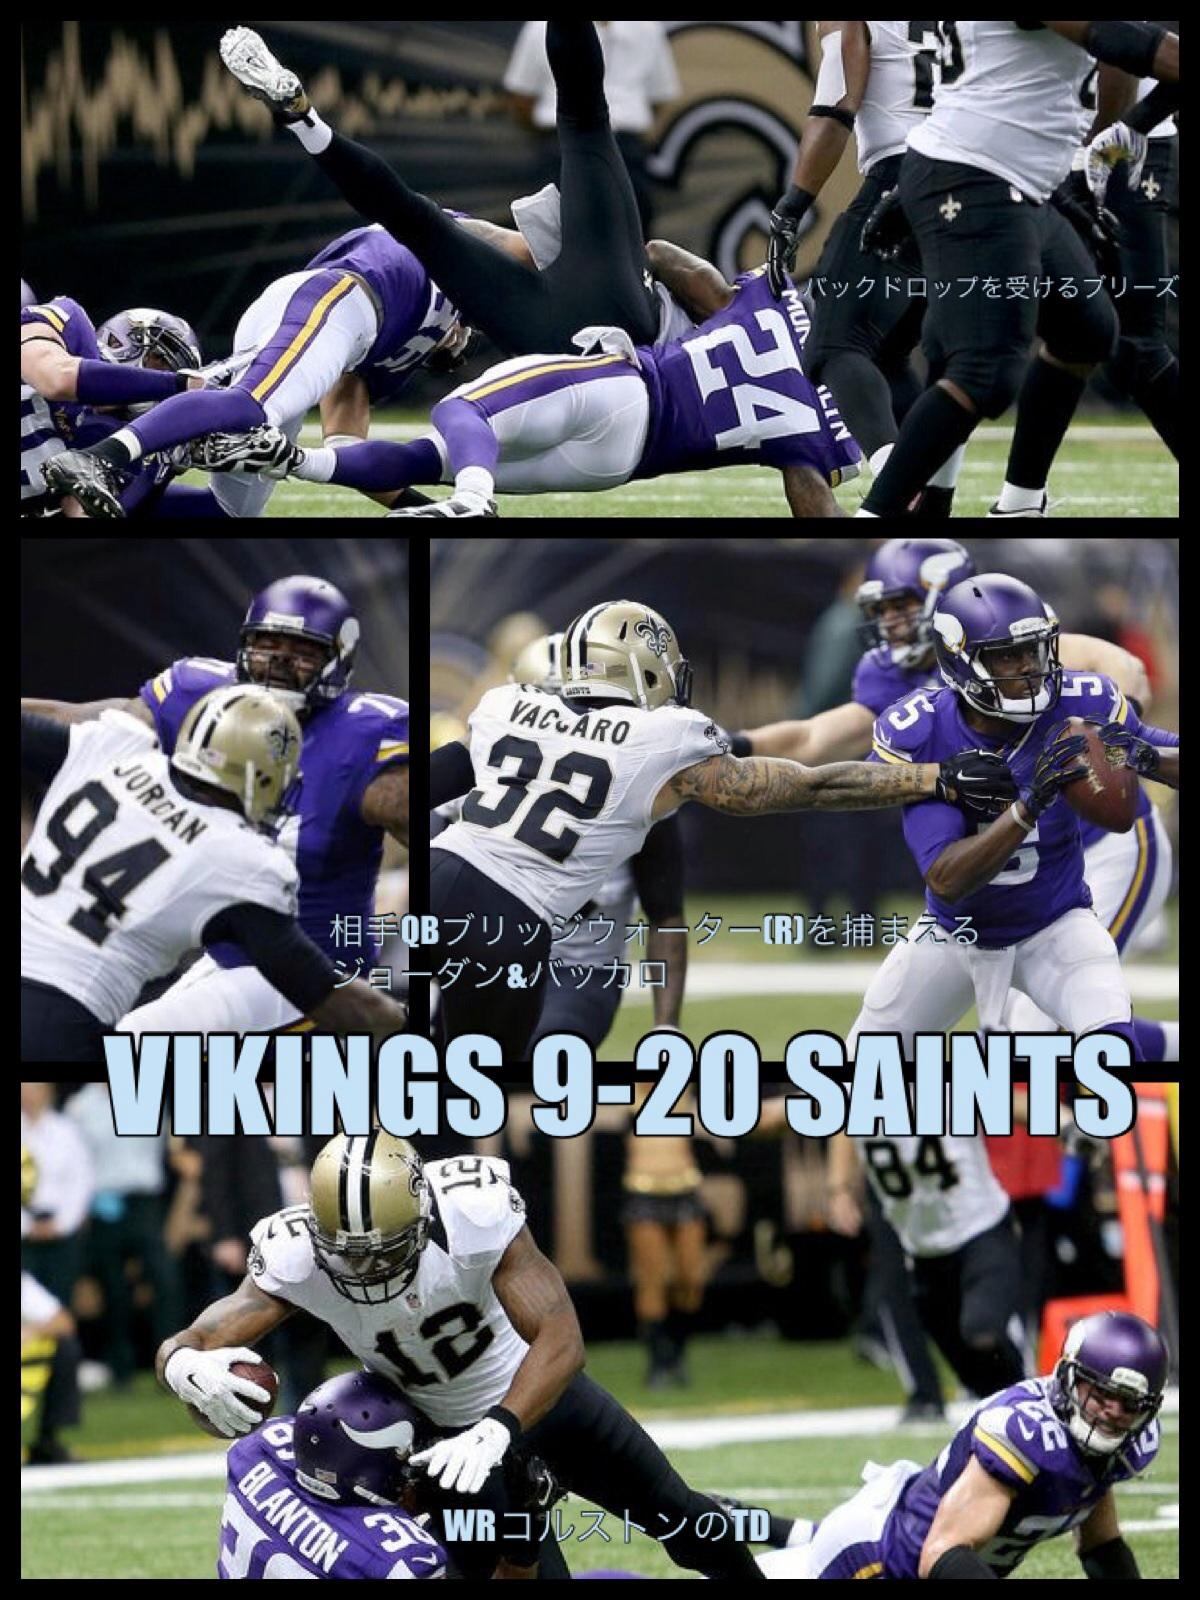 vikings vs saints2014